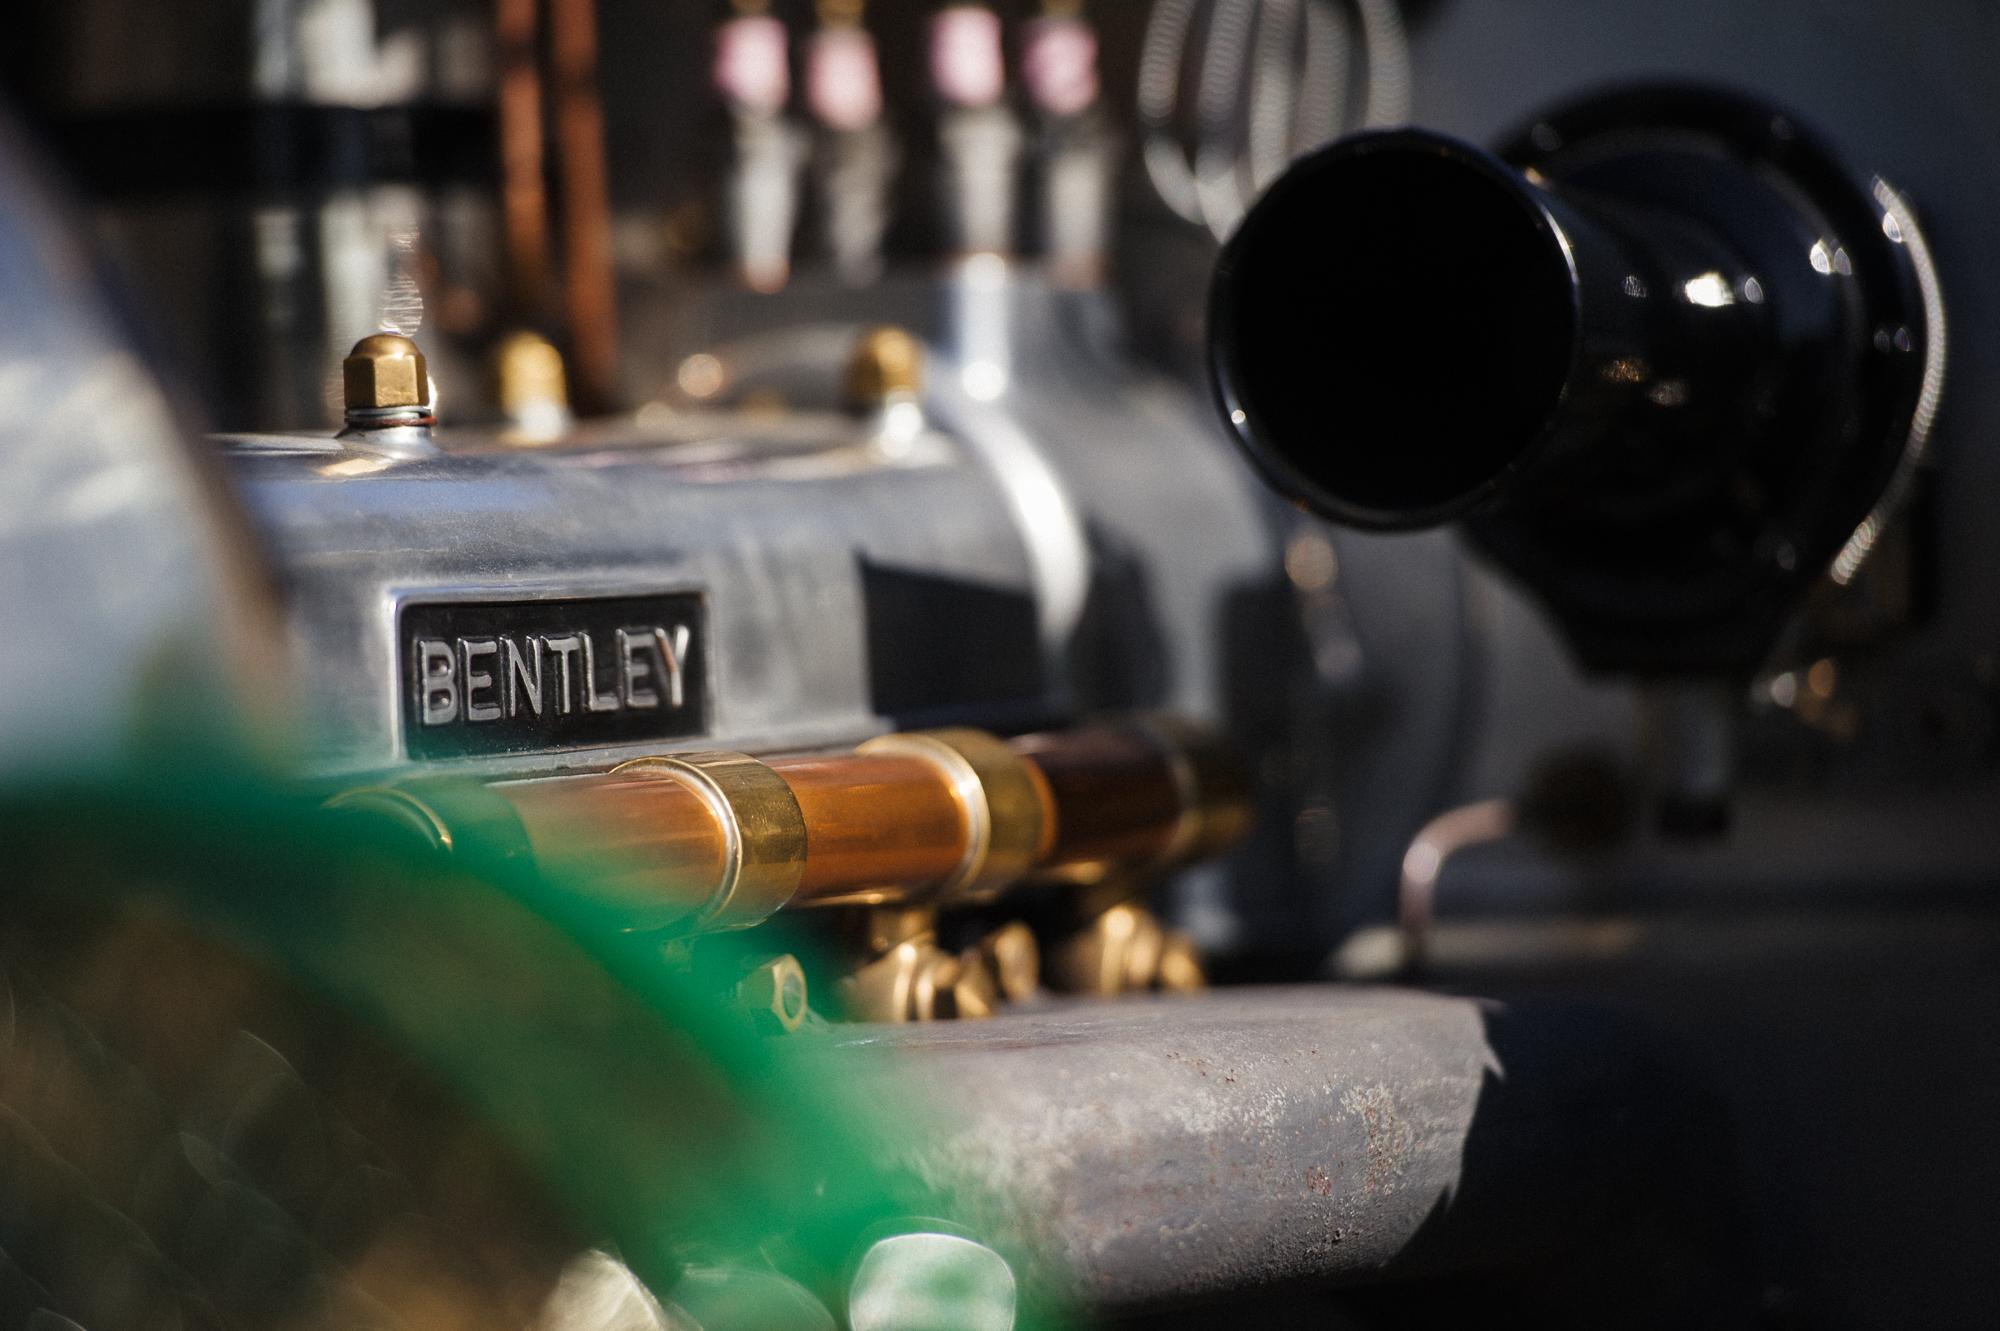 Bentley_3-4.5_LeMans_071.jpg